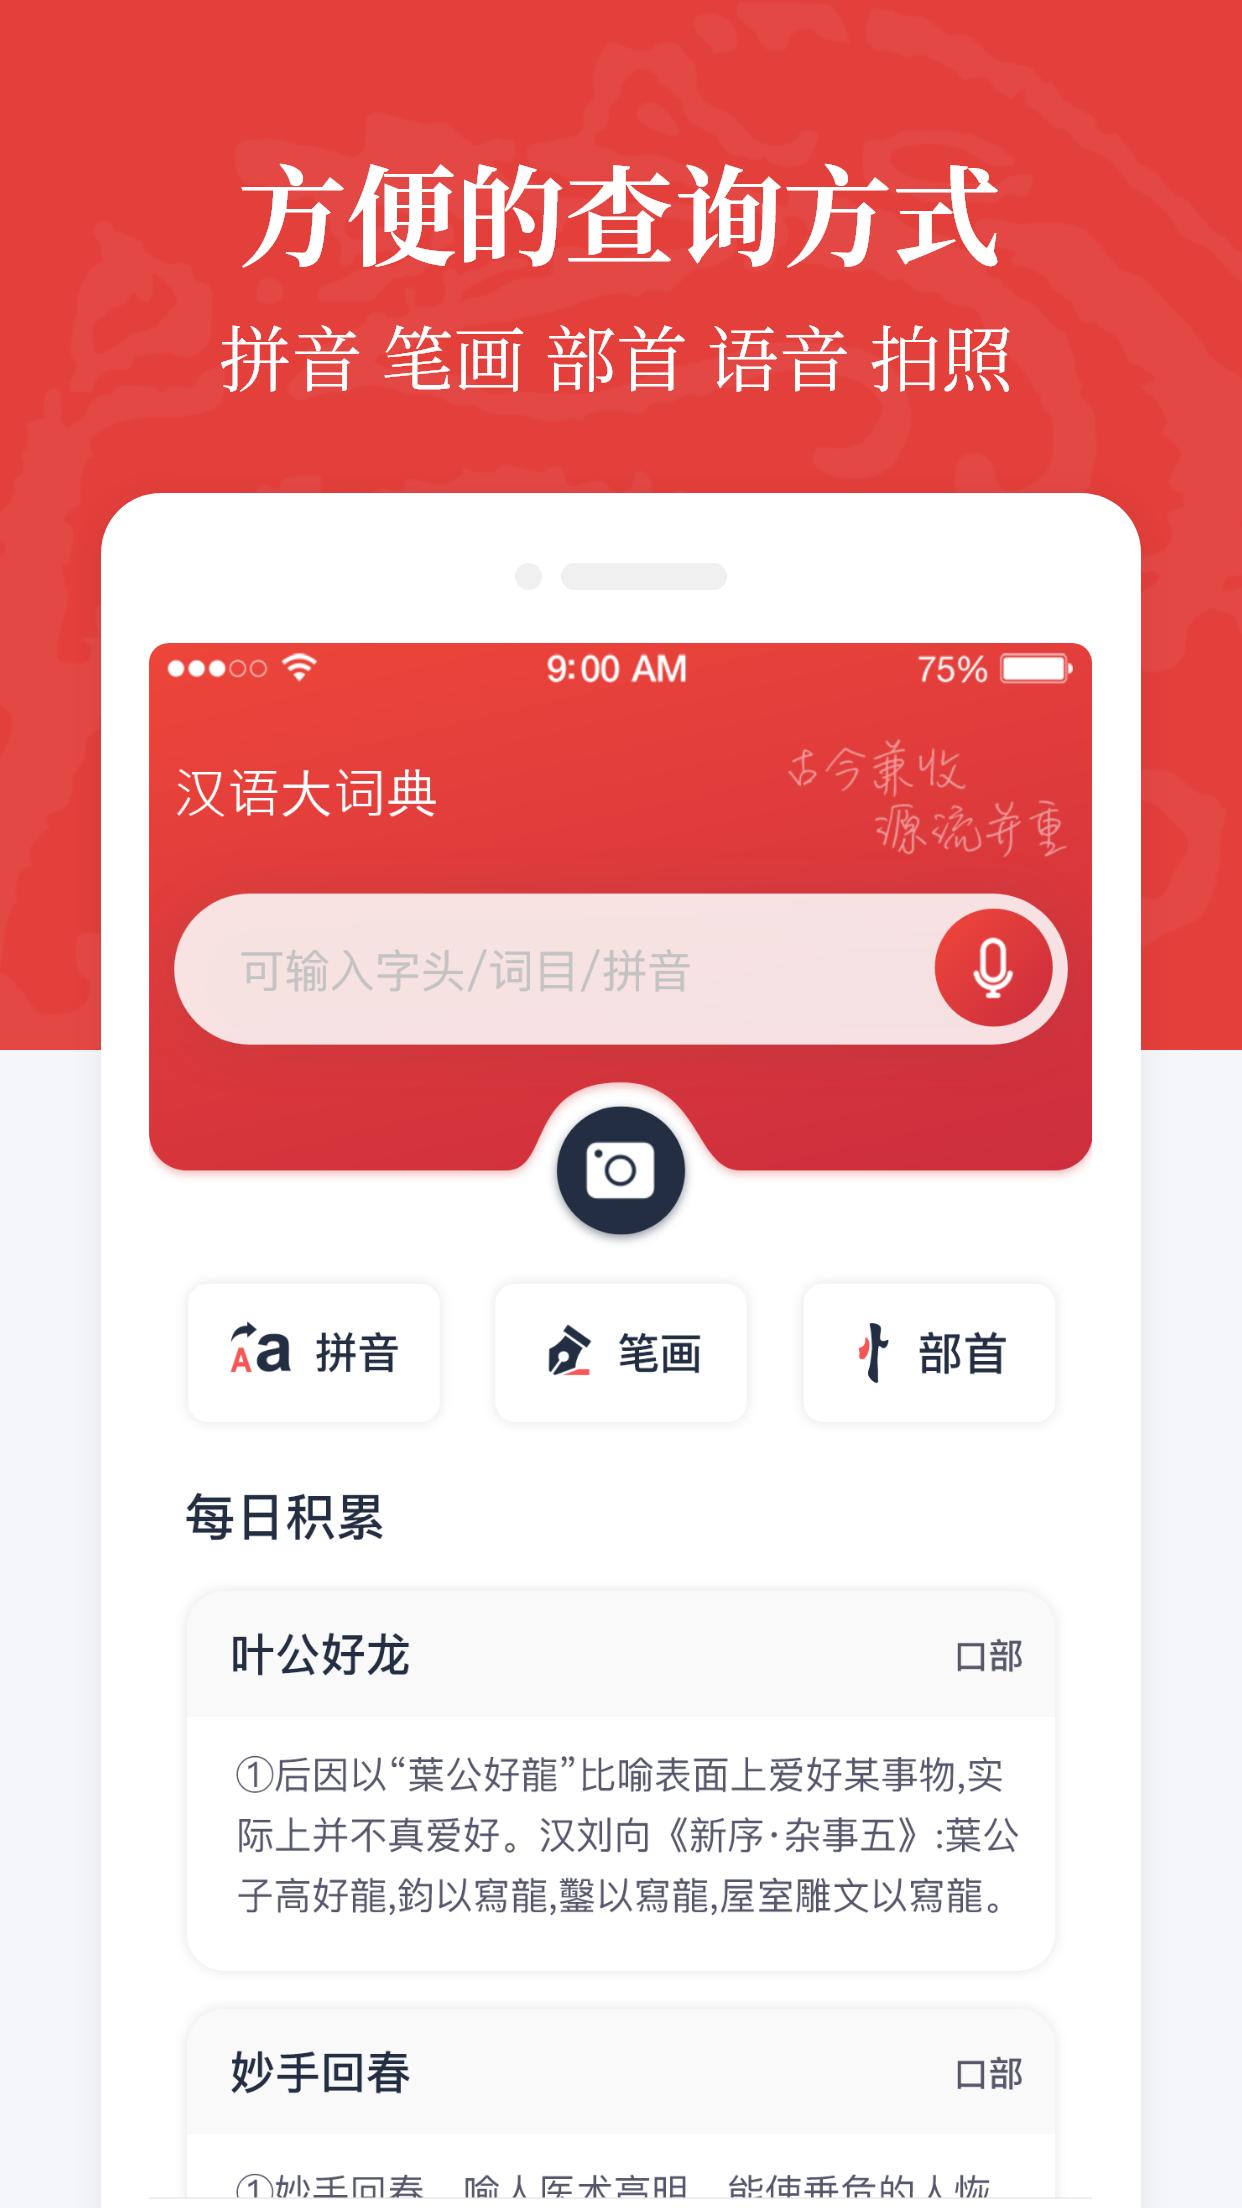 汉语大词典APP V1.0.11 安卓版截图4